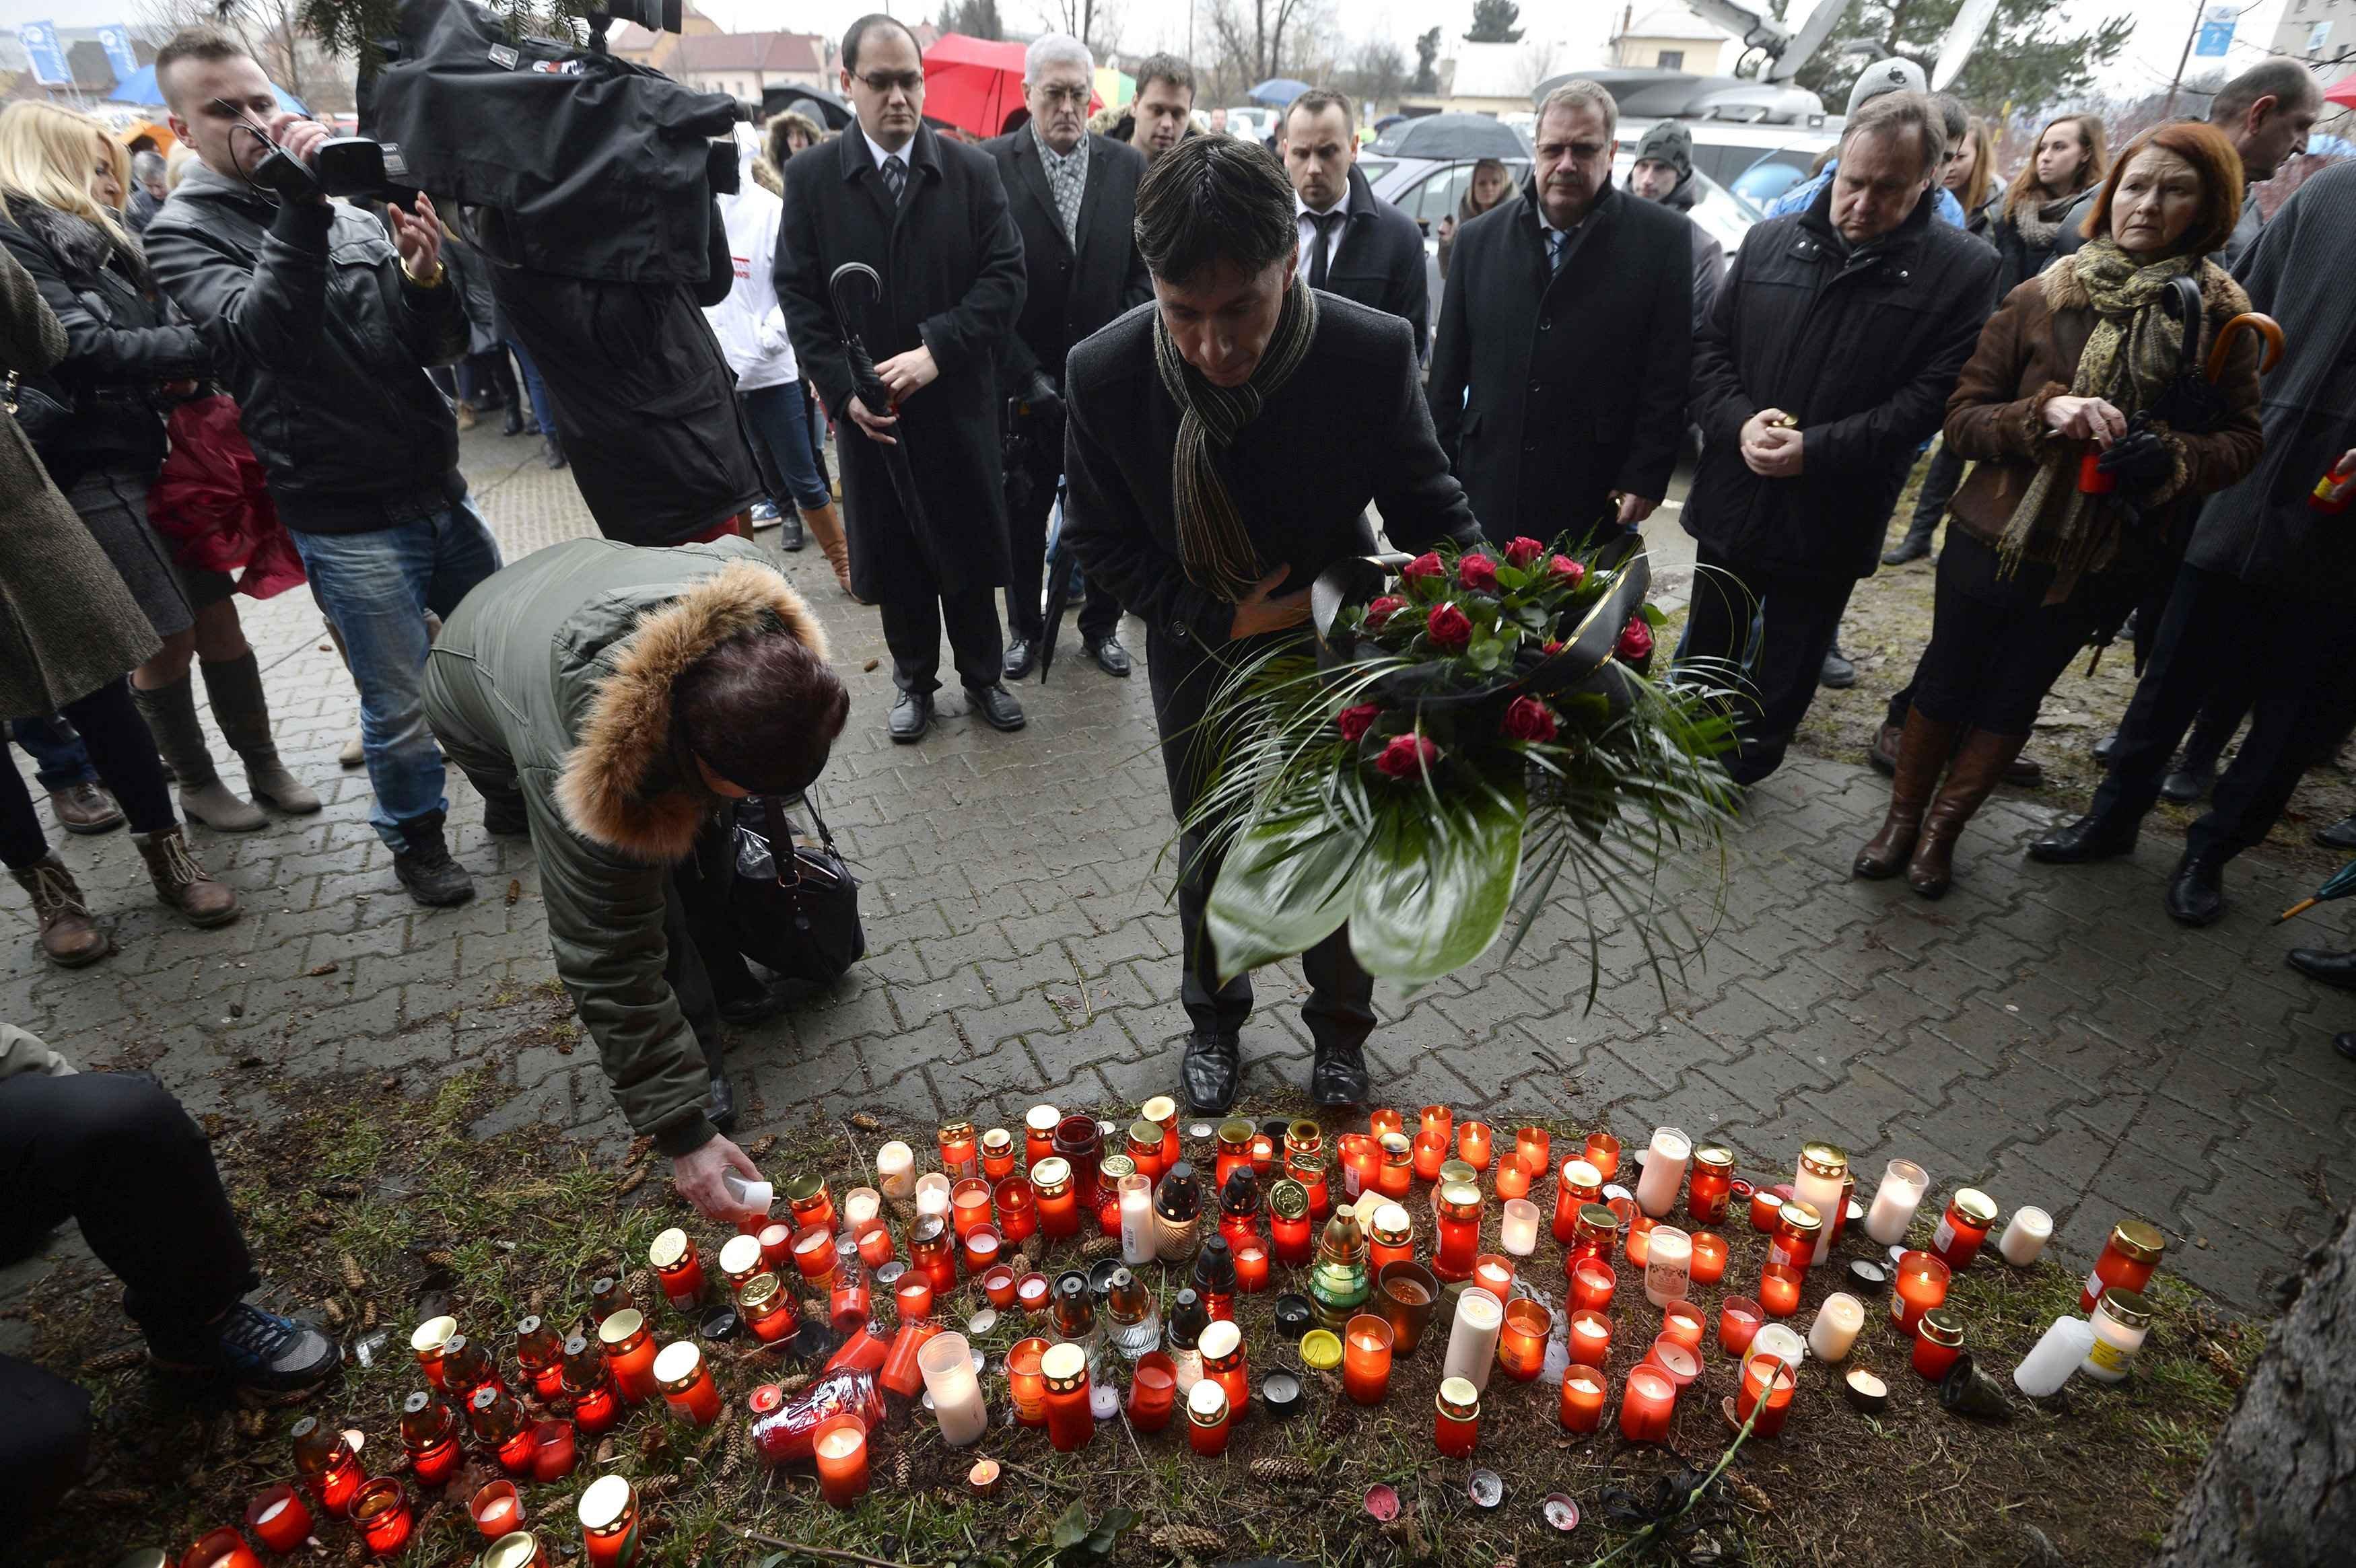 Vụ tấn công nói này đã khiến 17.000 dân của thị trấn nhỏ Uhersky Brod bị sốc.